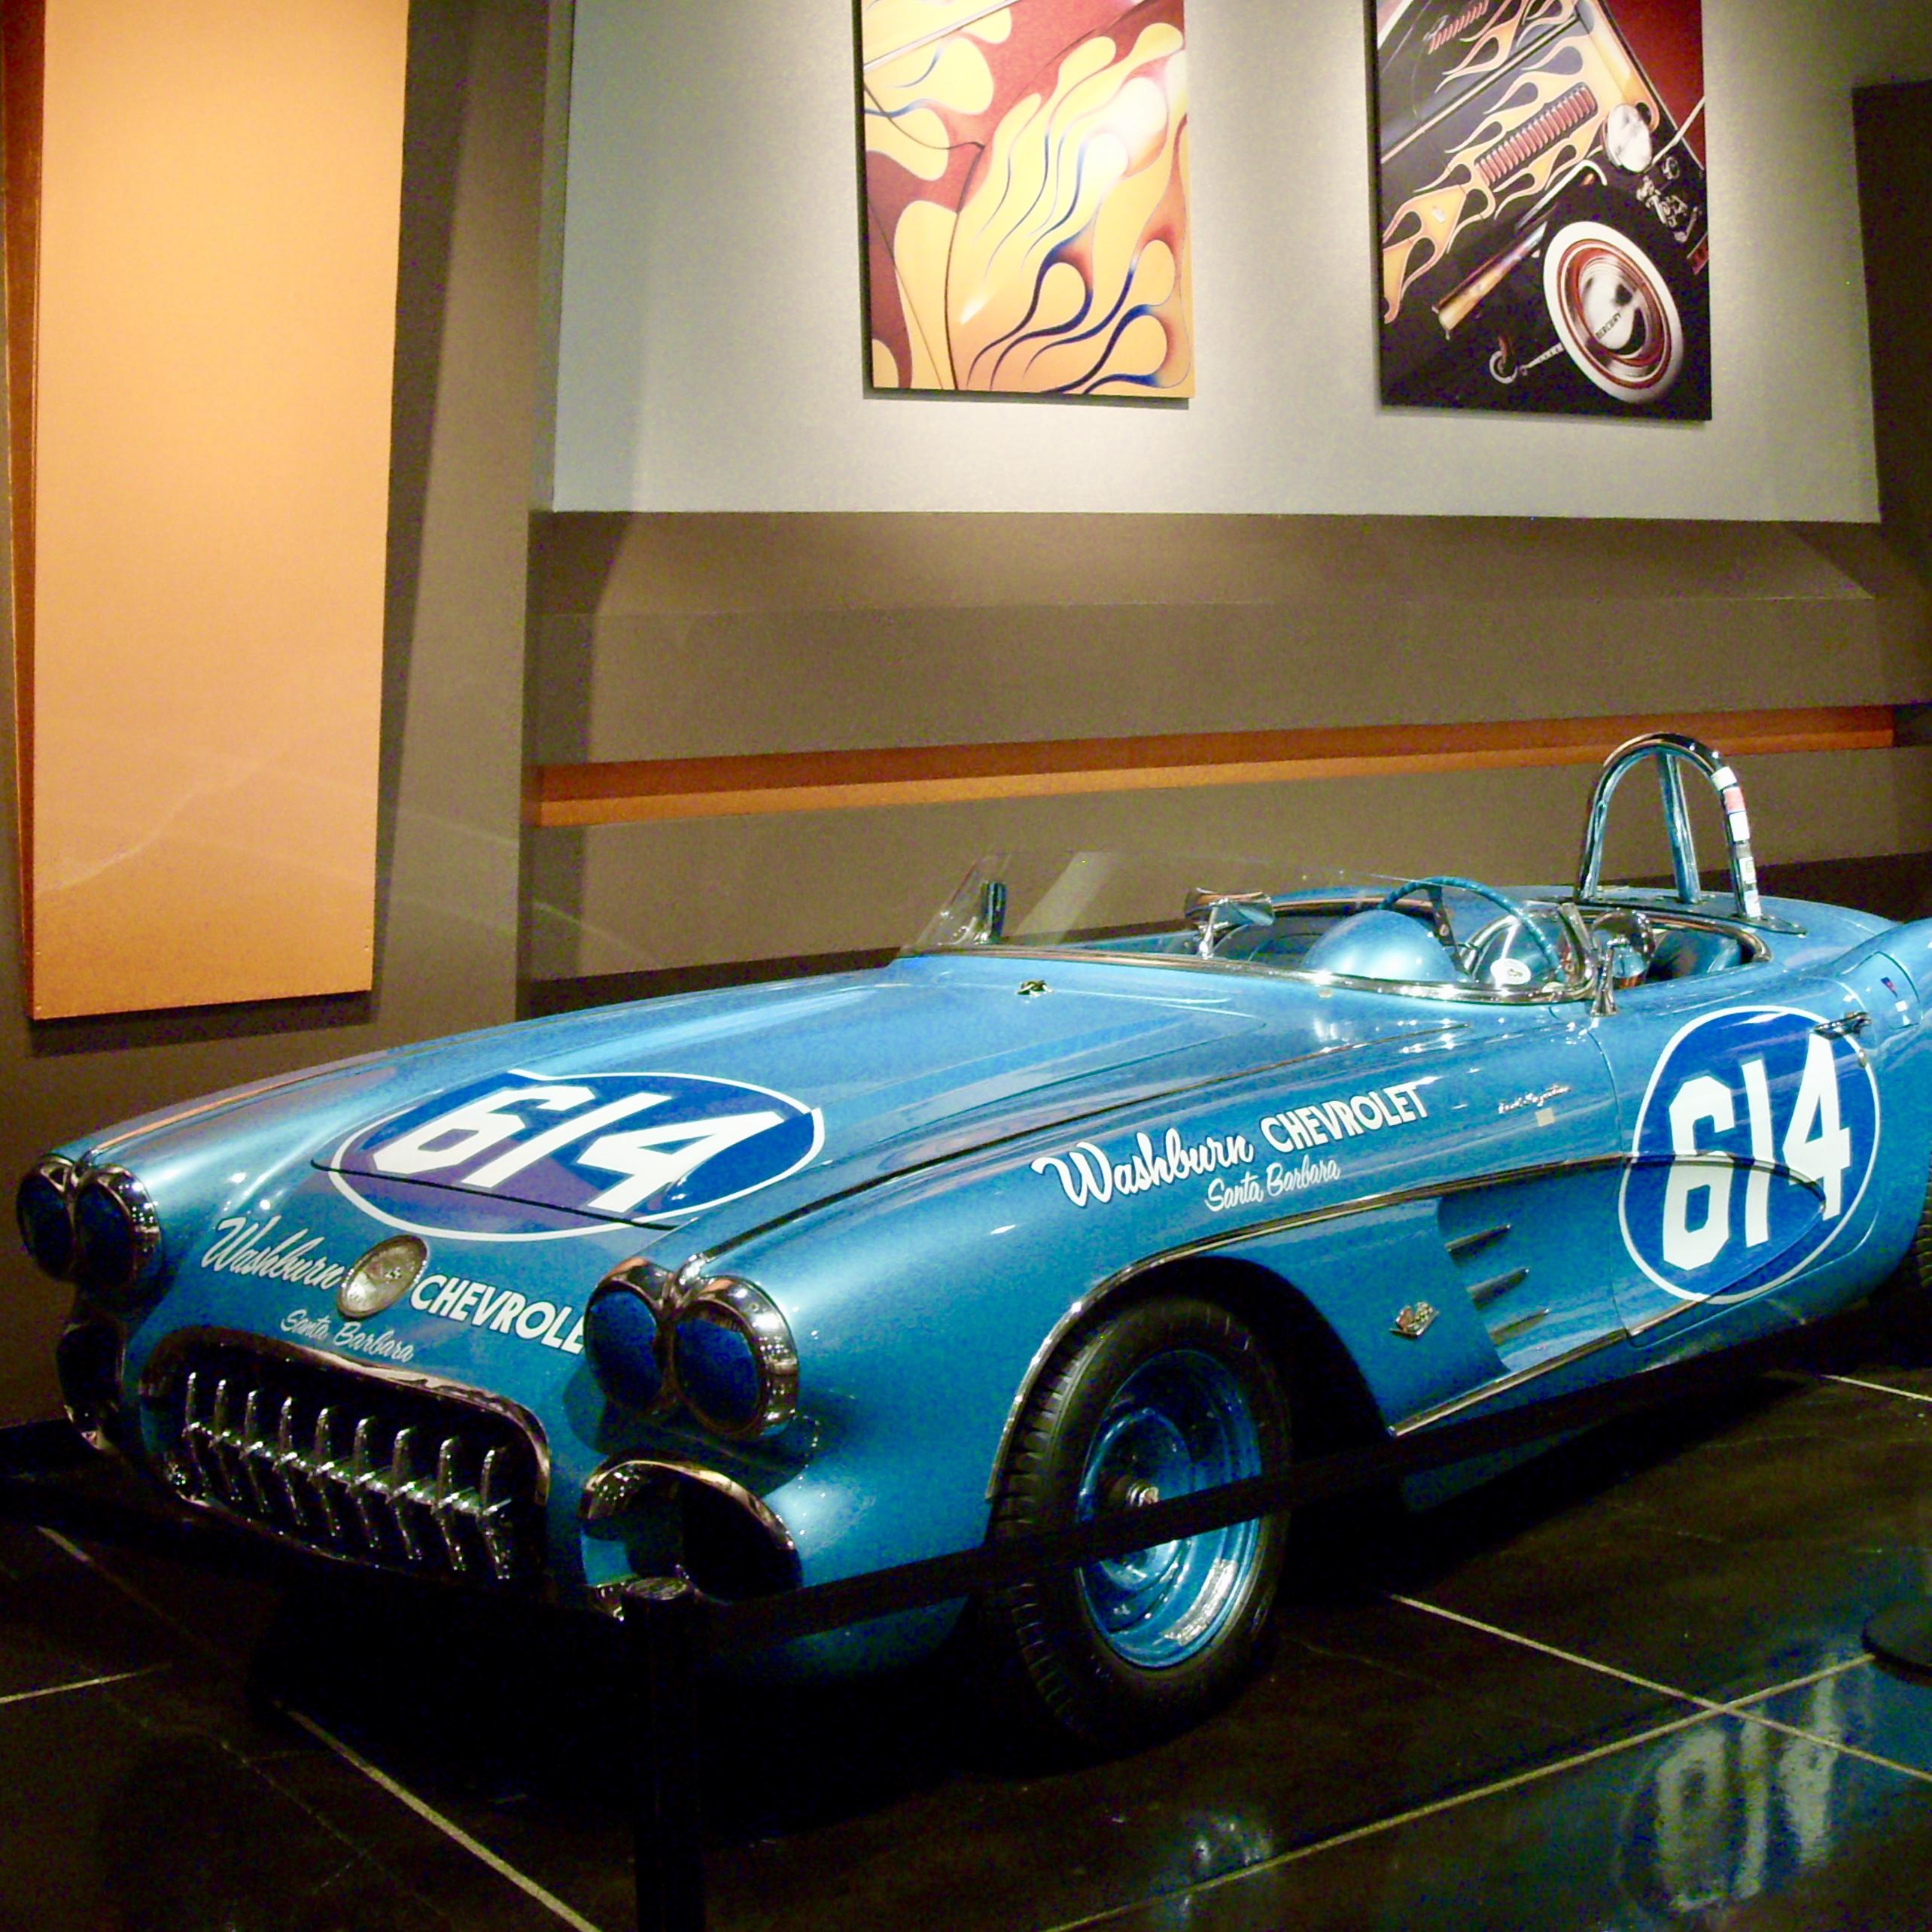 Chevrolet Corvette at Petersen Automotive Museum, LA, By Jez Braithwaite